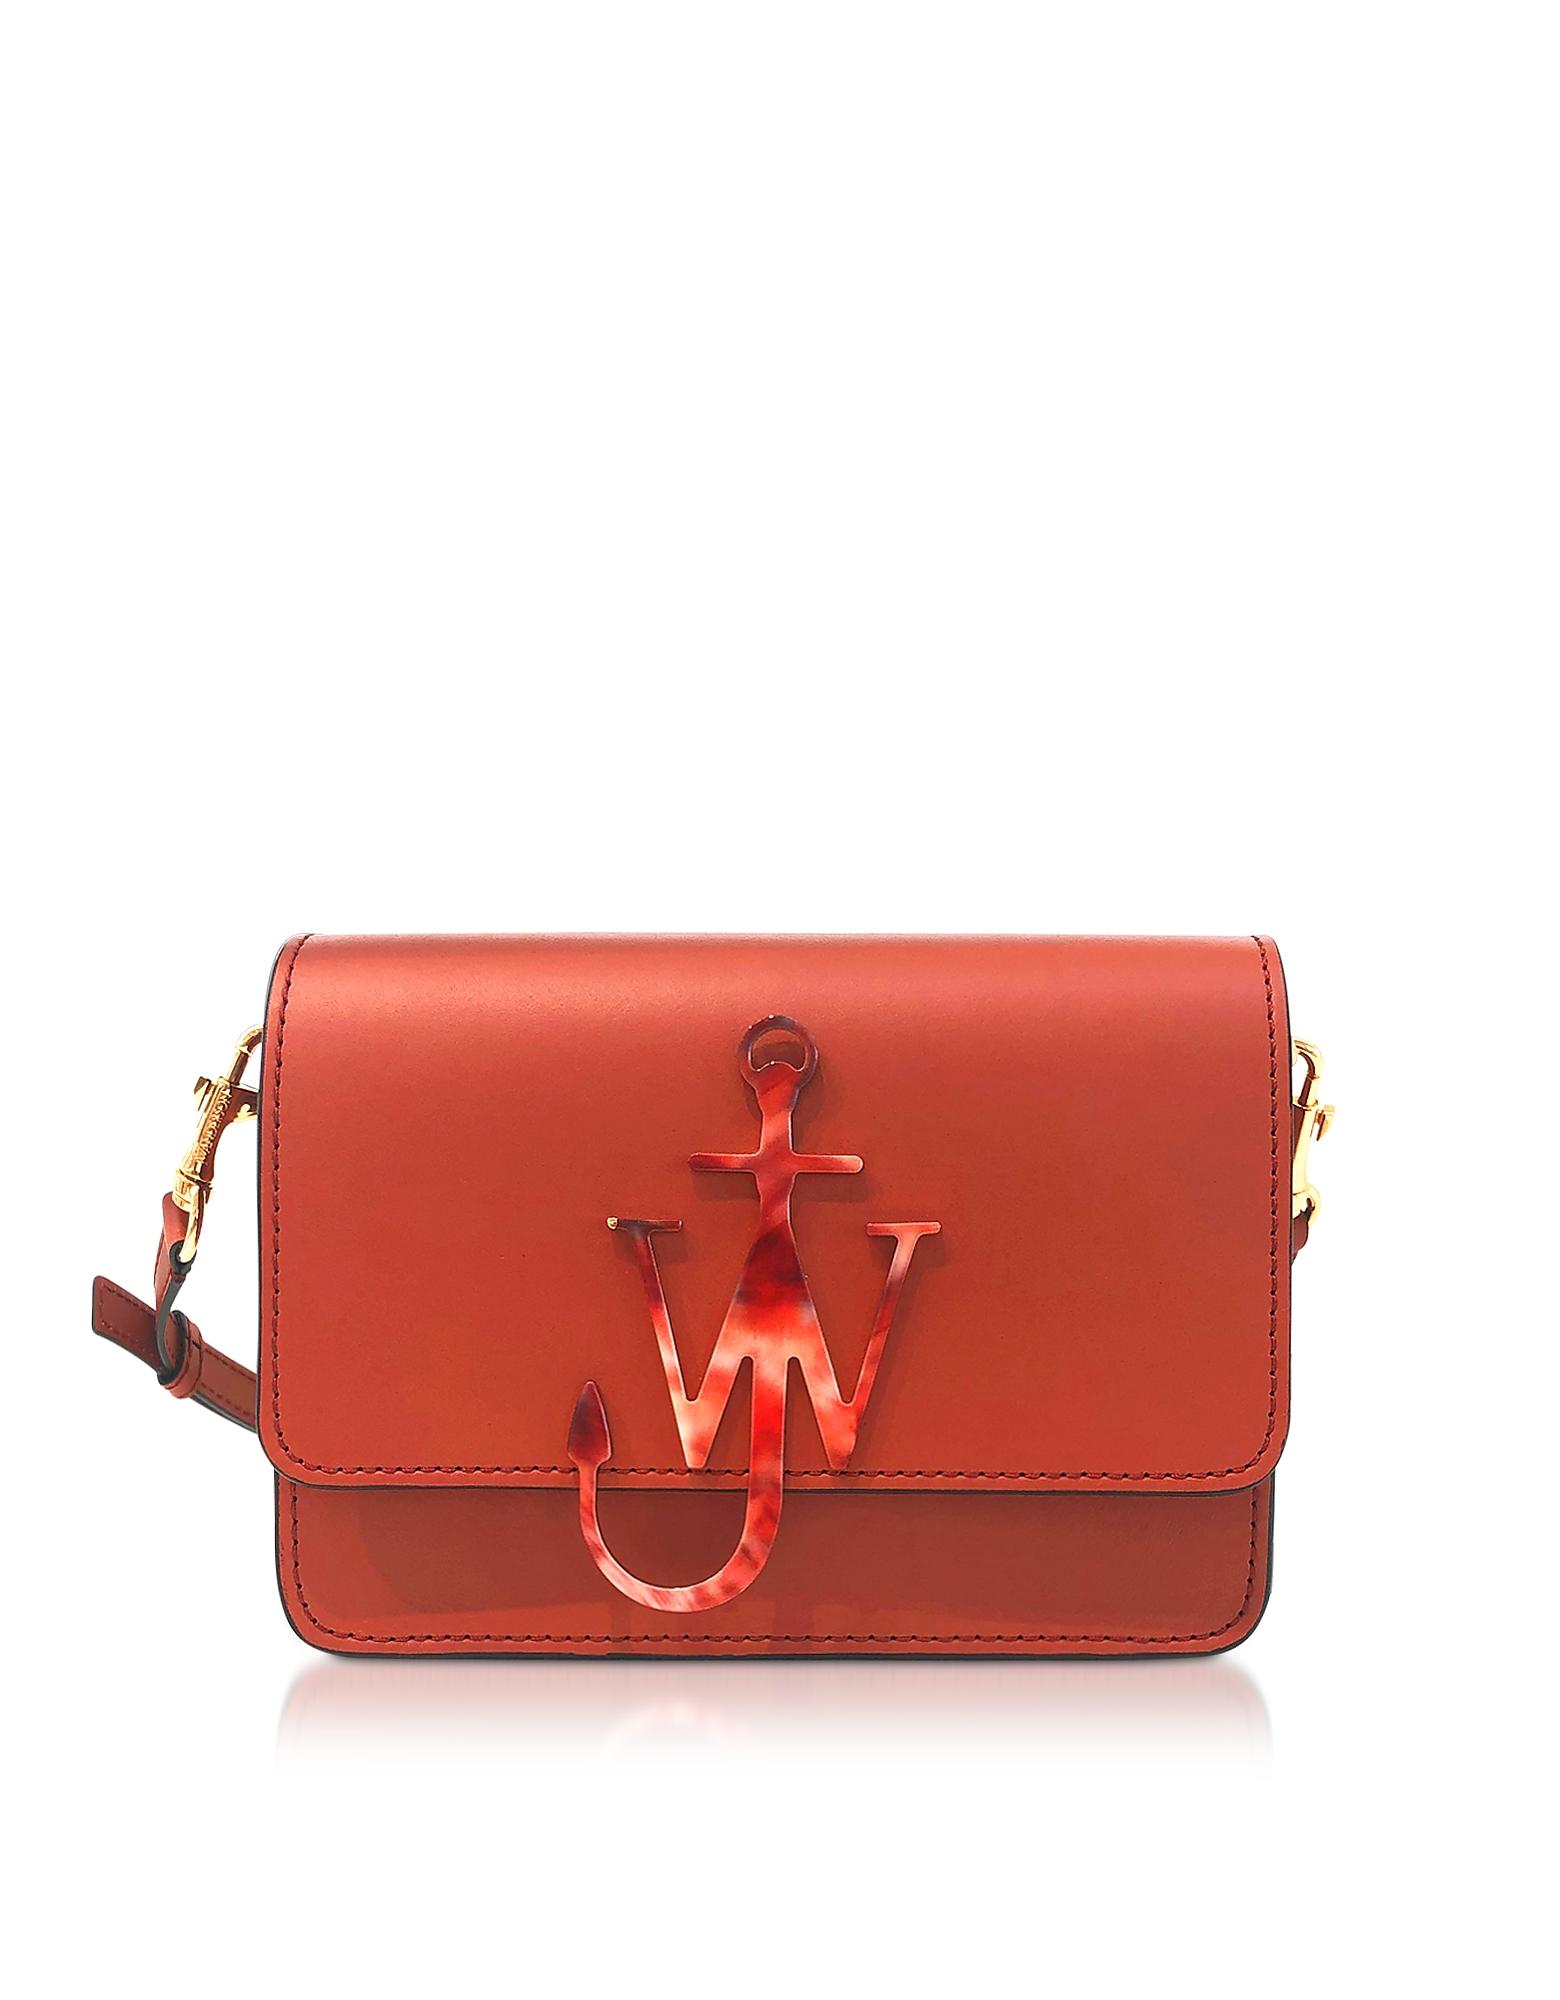 JW Anderson Designer Handbags, Ginger Leather Anchor Logo Bag